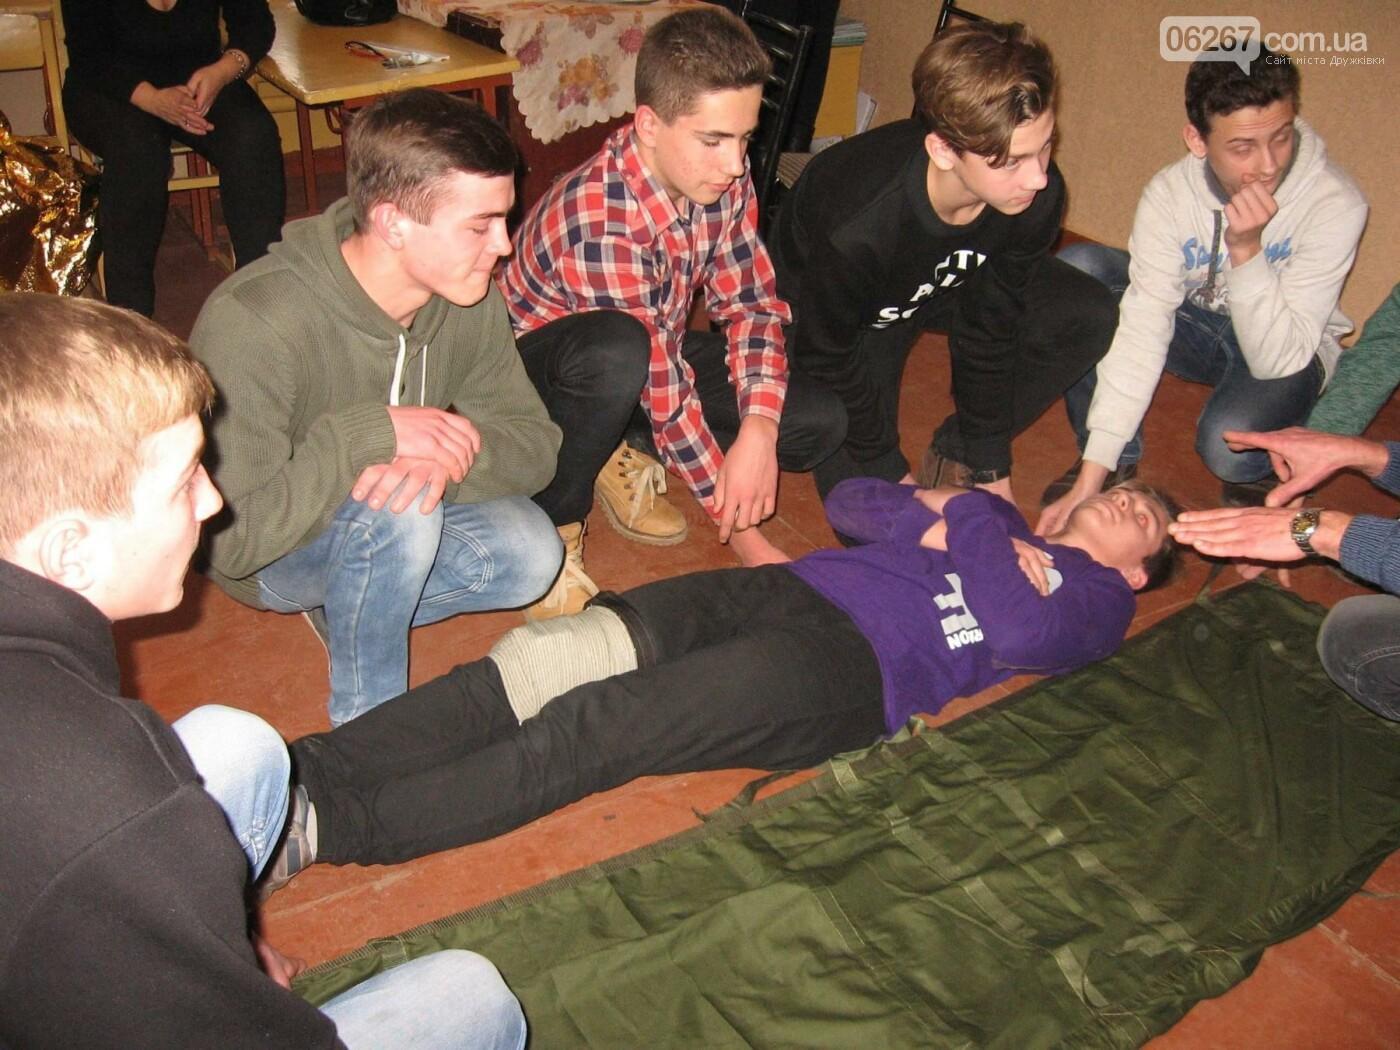 Учащимся УВК №14 в Алексеево-Дружковке преподали мастер-класс по оказанию первой помощи пострадавшим, фото-1